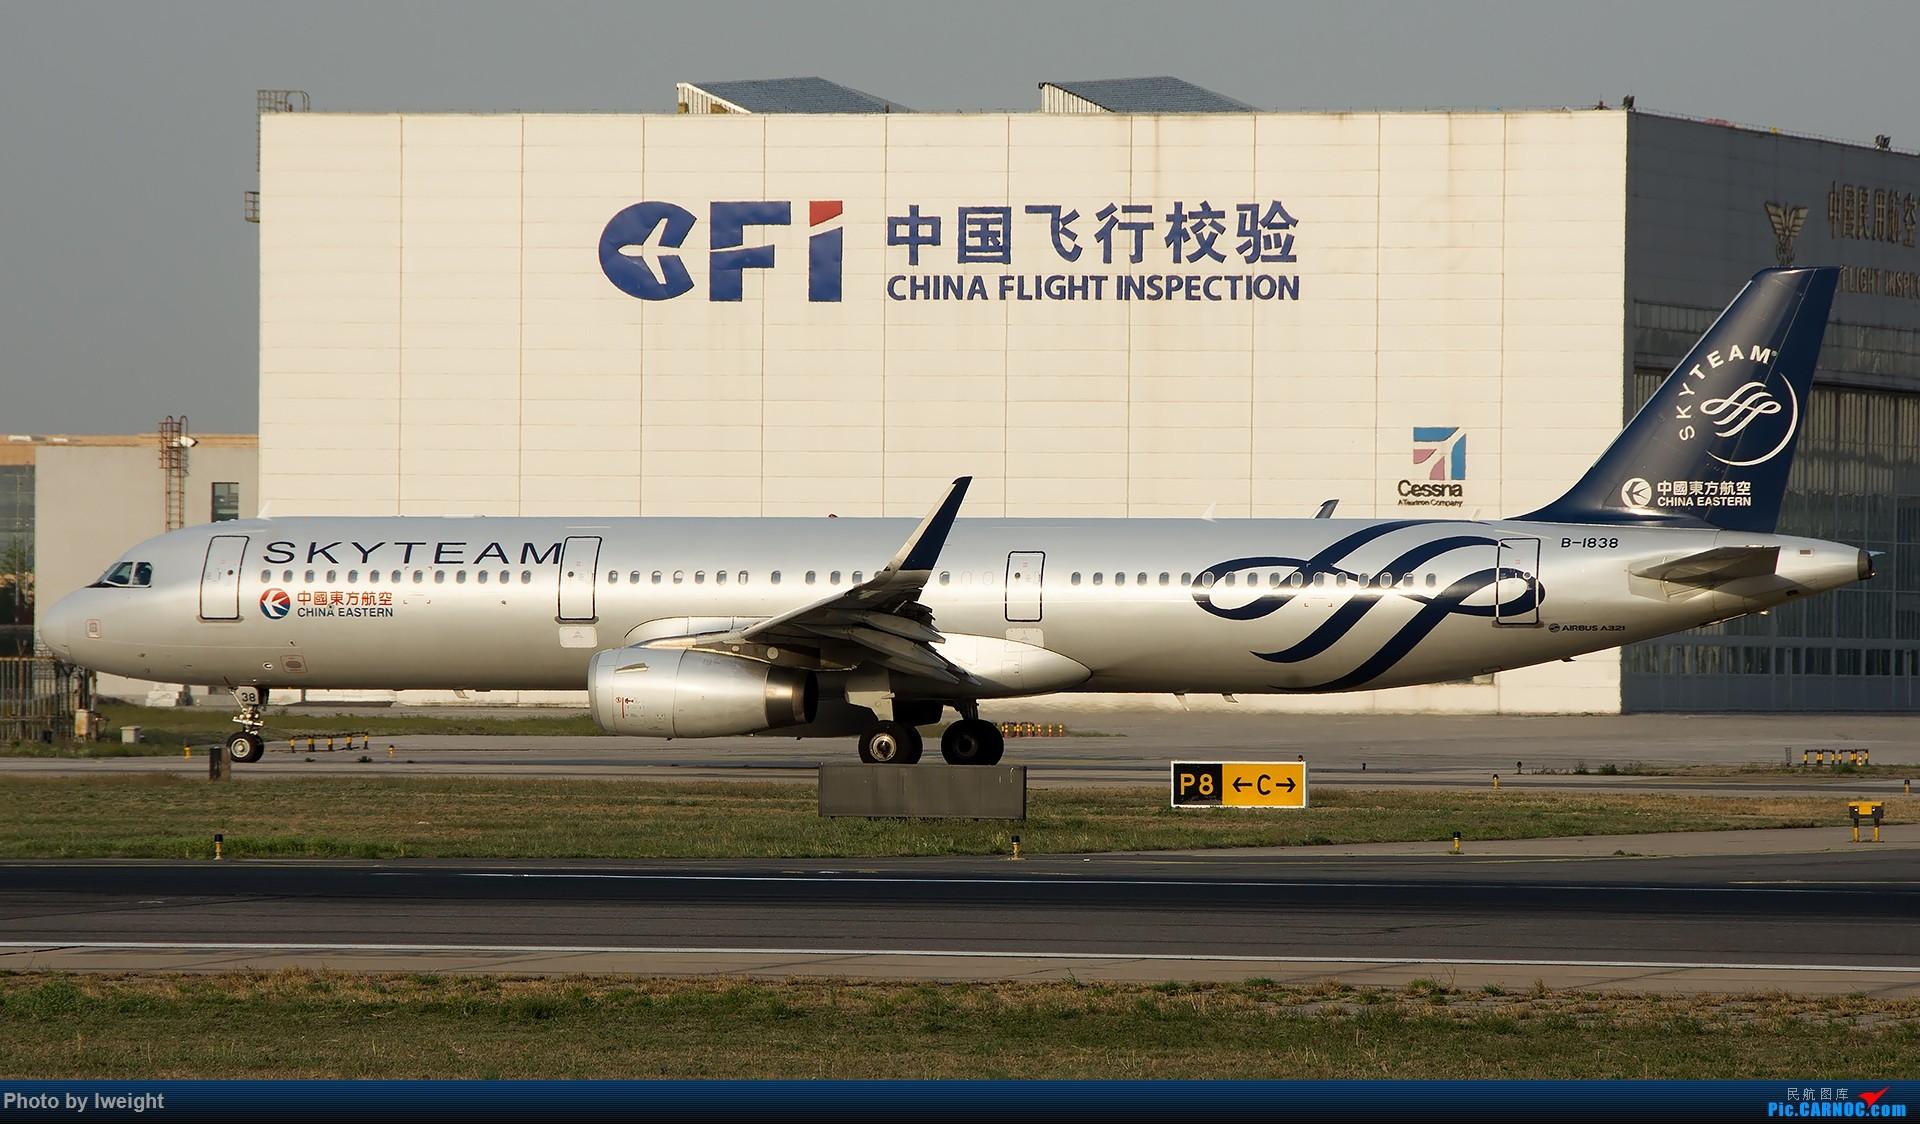 Re:[原创]天气晴朗,继续守候18R【多图】 AIRBUS A321-200 B-1838 中国北京首都国际机场